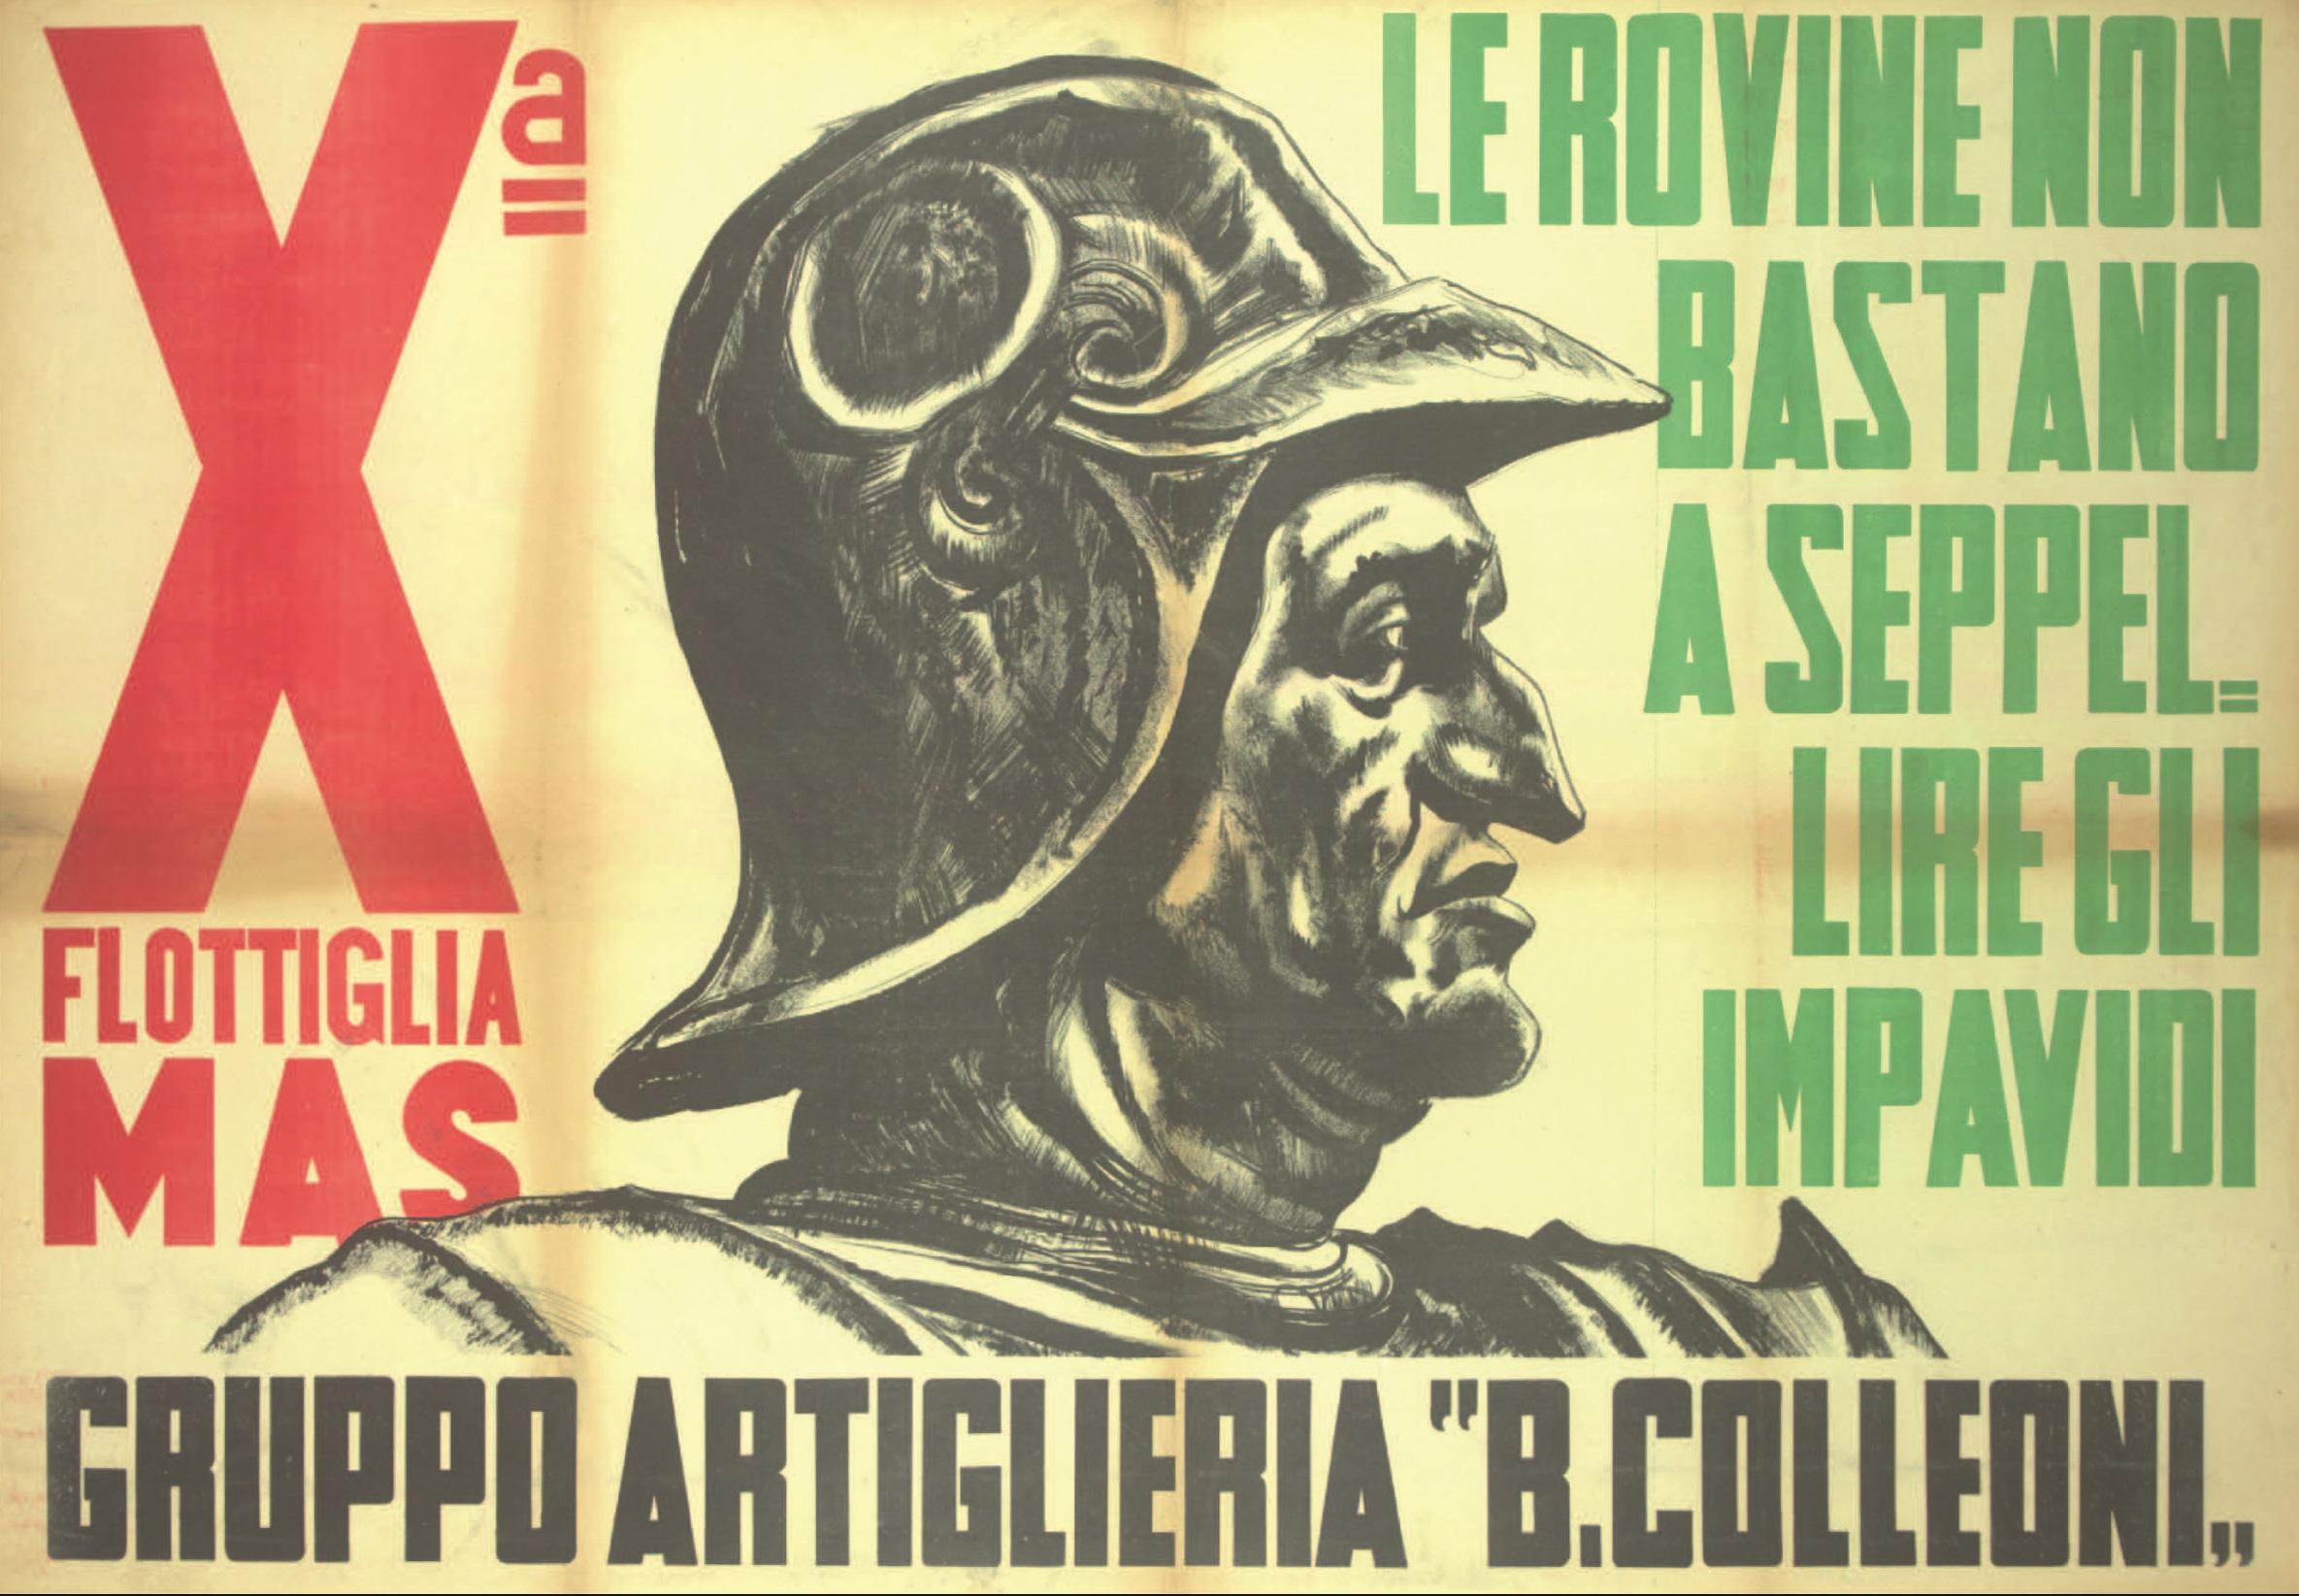 Decima Flottiglia M.A.S.: propaganda per la riscossa (VII parte) – Gianluca Padovan